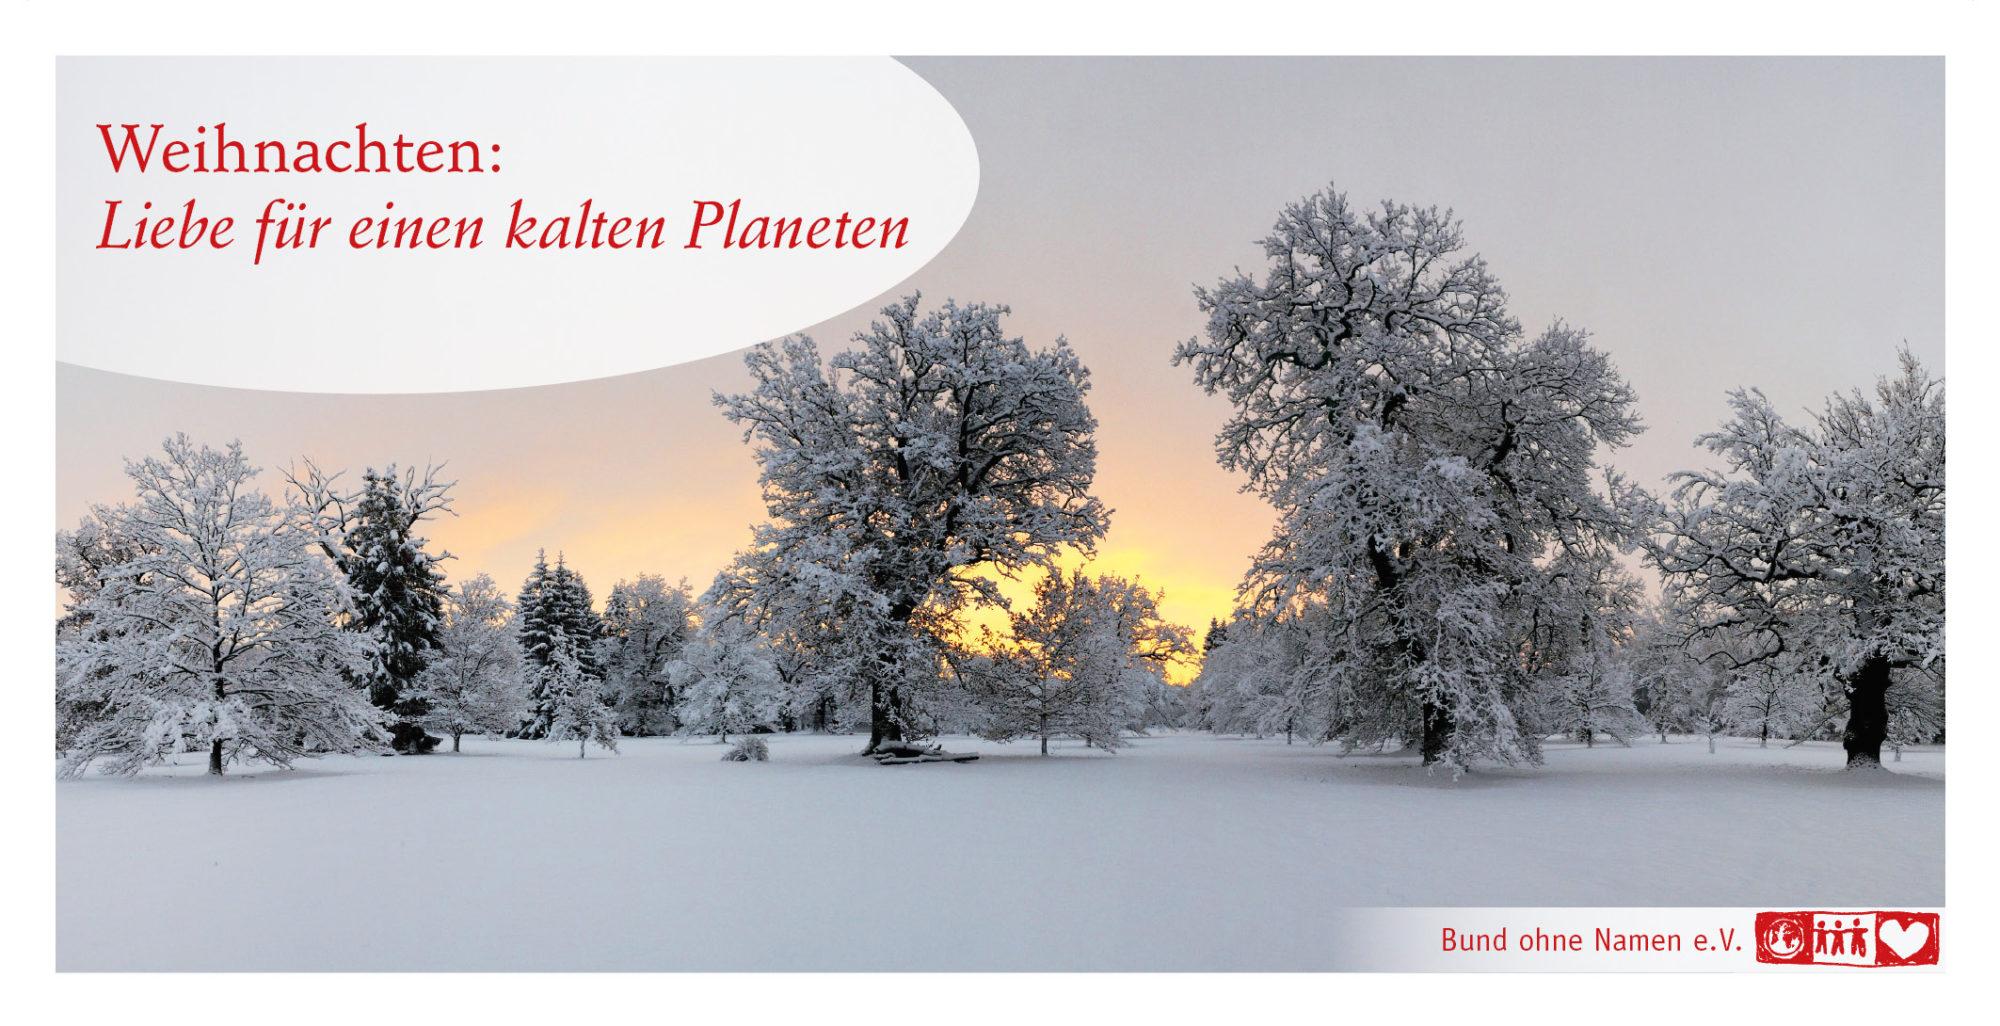 Weihnachten: Liebe für einen kalten Planeten